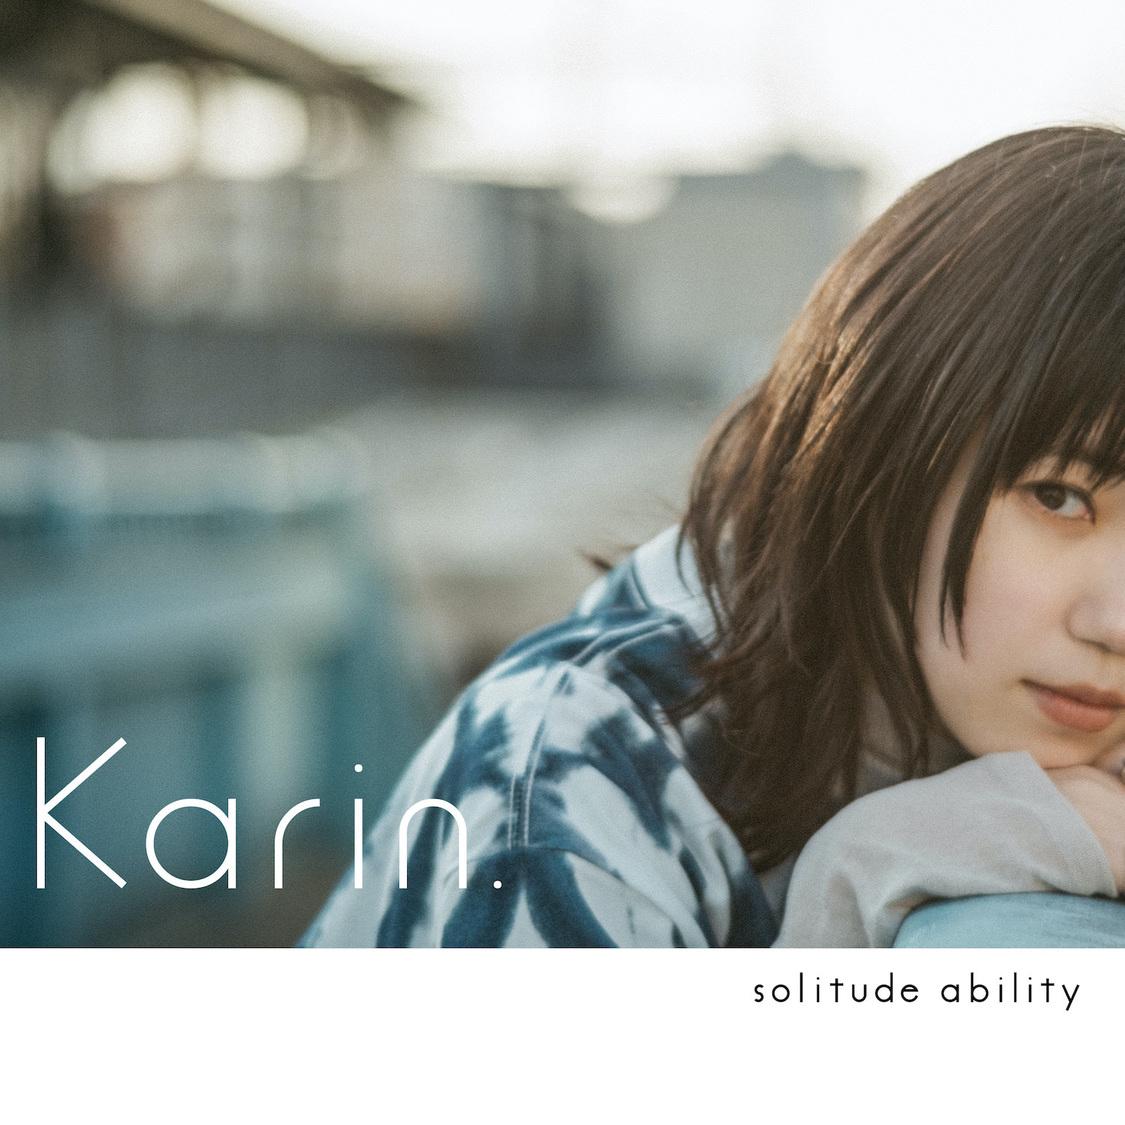 伊藤万理華 出演、Karin. 新AL『solitude ability』ショートフィルム続編公開!